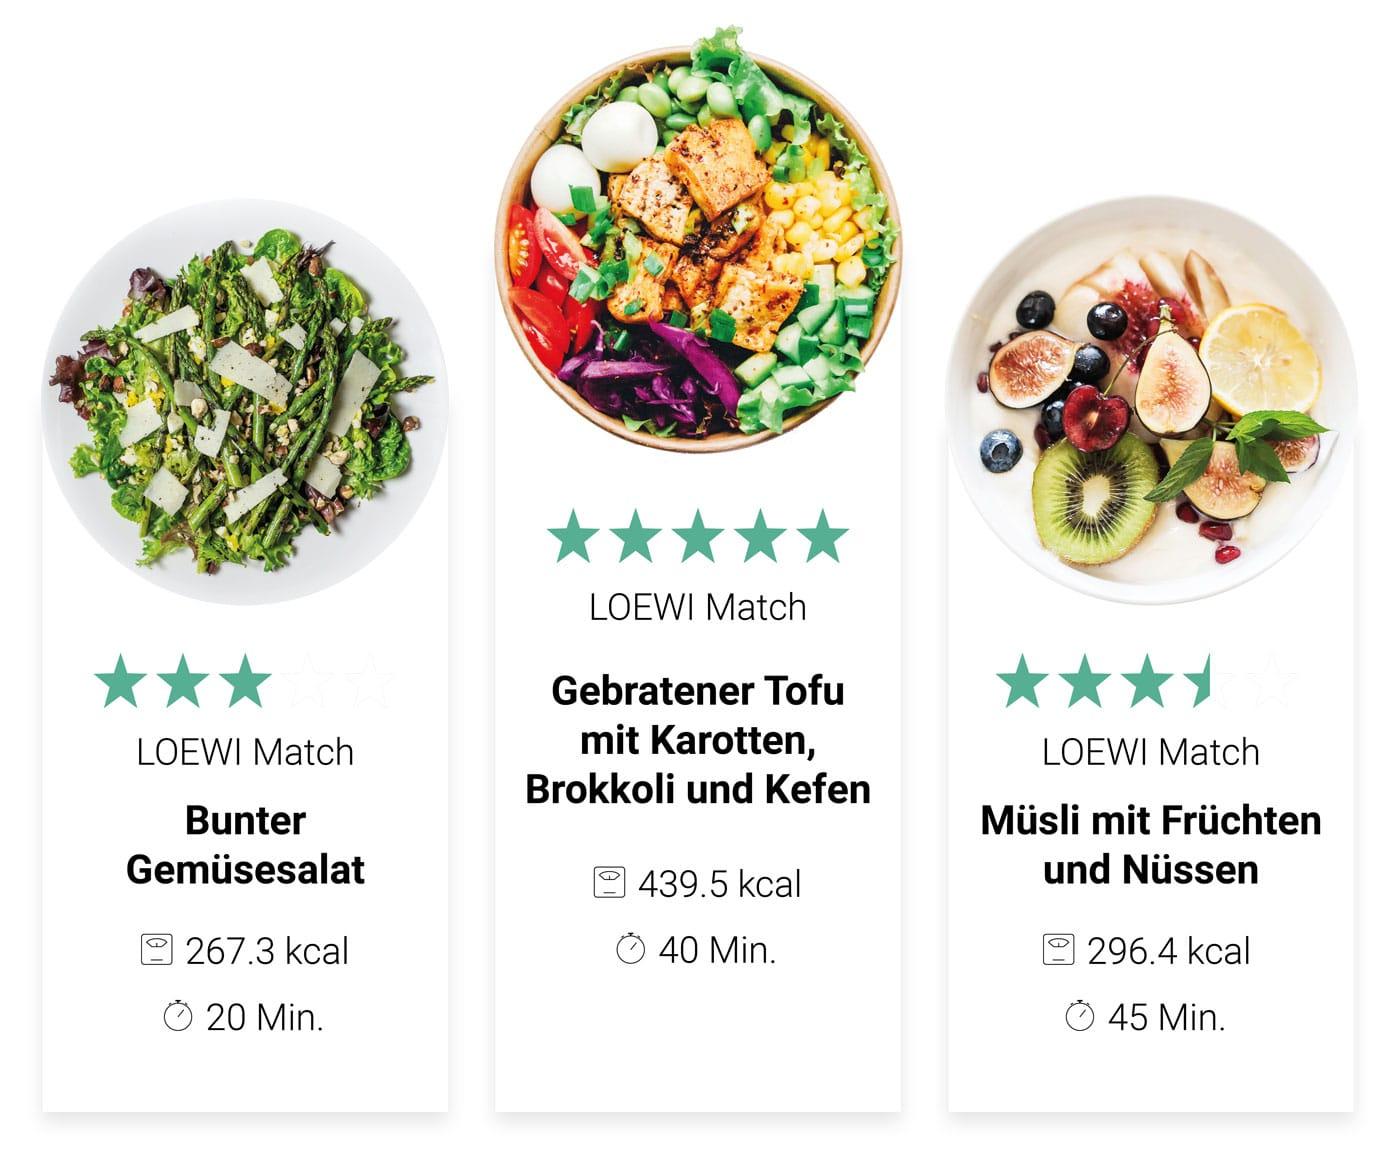 Personalisierte Ernährungsempfehlungen